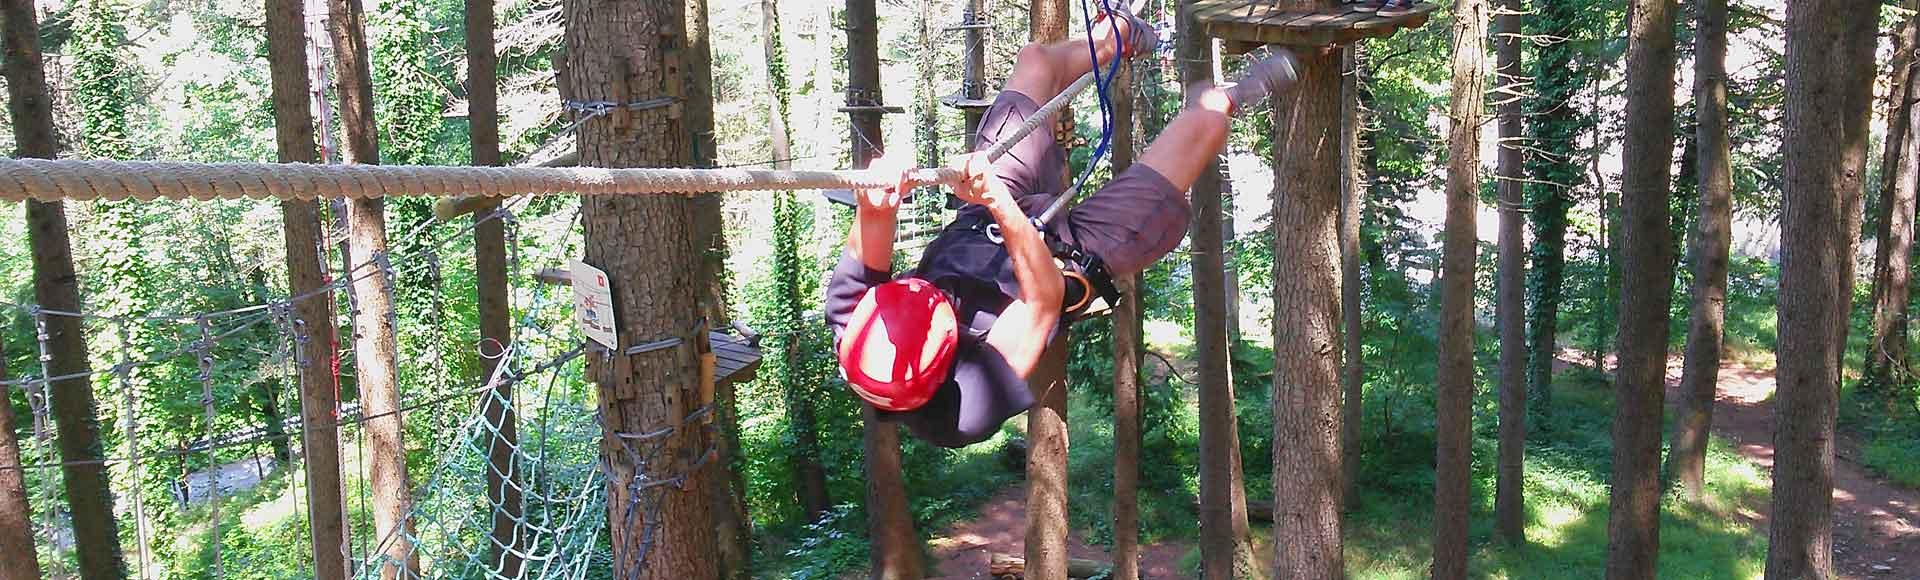 Fosdinovo Adventure Park